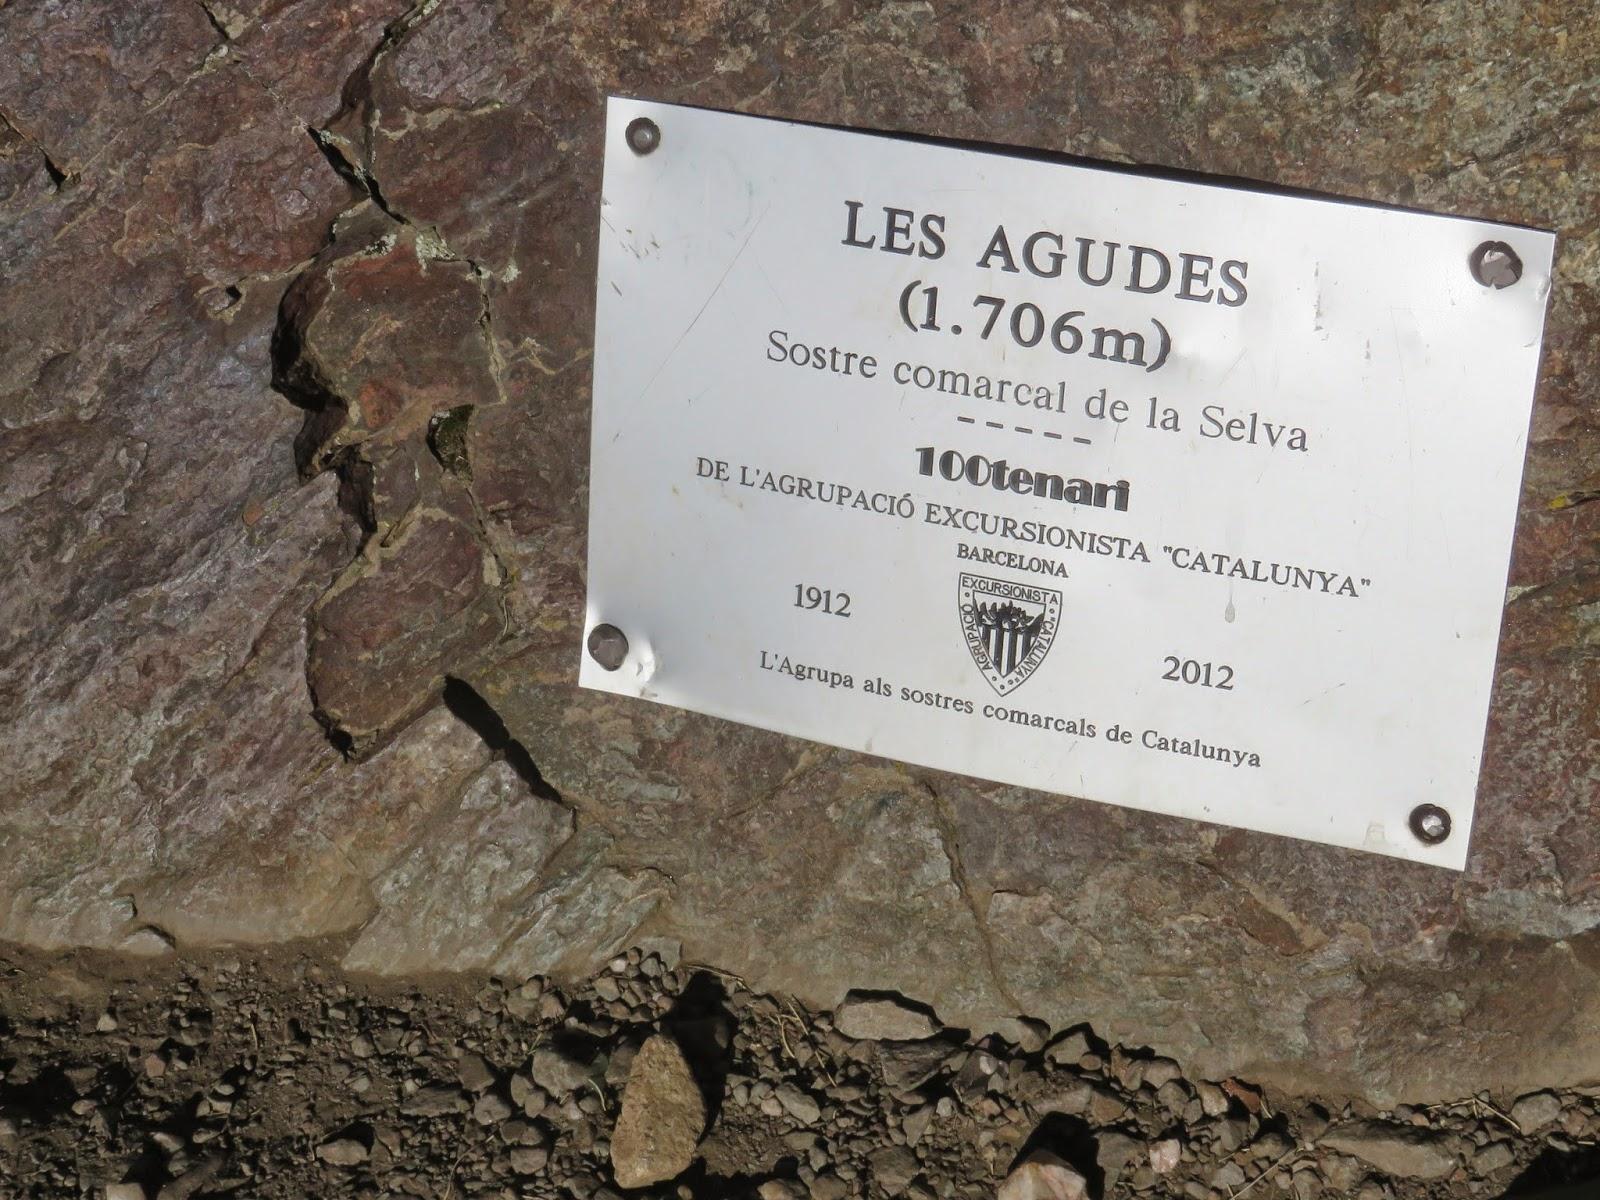 TURÓ DE L'HOME - LES AGUDES, PER PASSAVETS